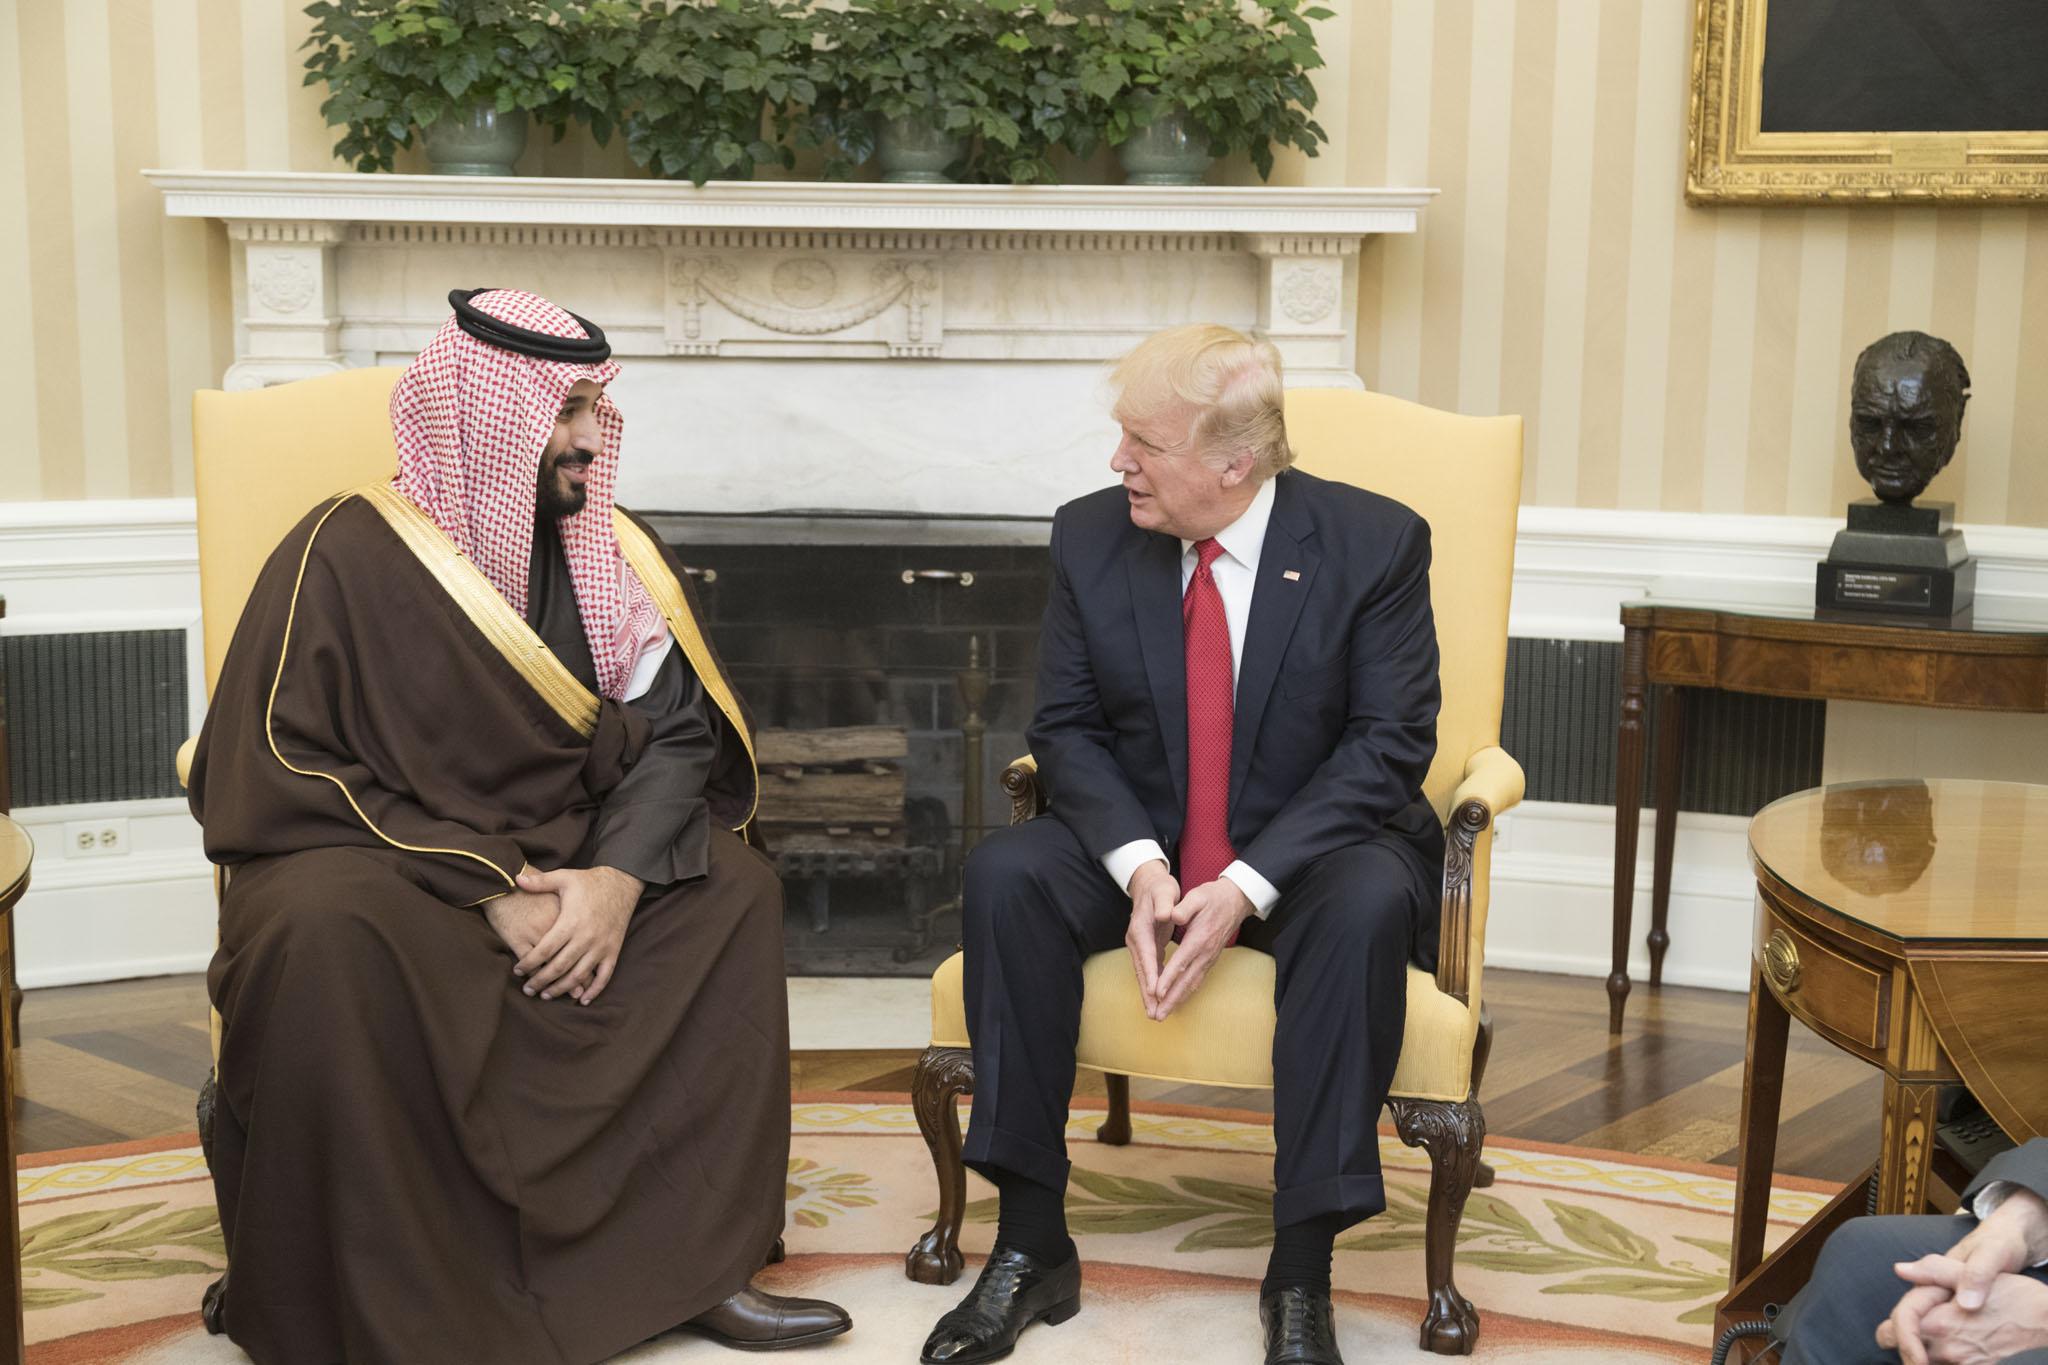 Le Prince héritier d'Arabie saoudite Mohammed ben Salmane en discussion avec le président américain Donald Trump le 14 mars 2017 à la Maison Blanche © The White House